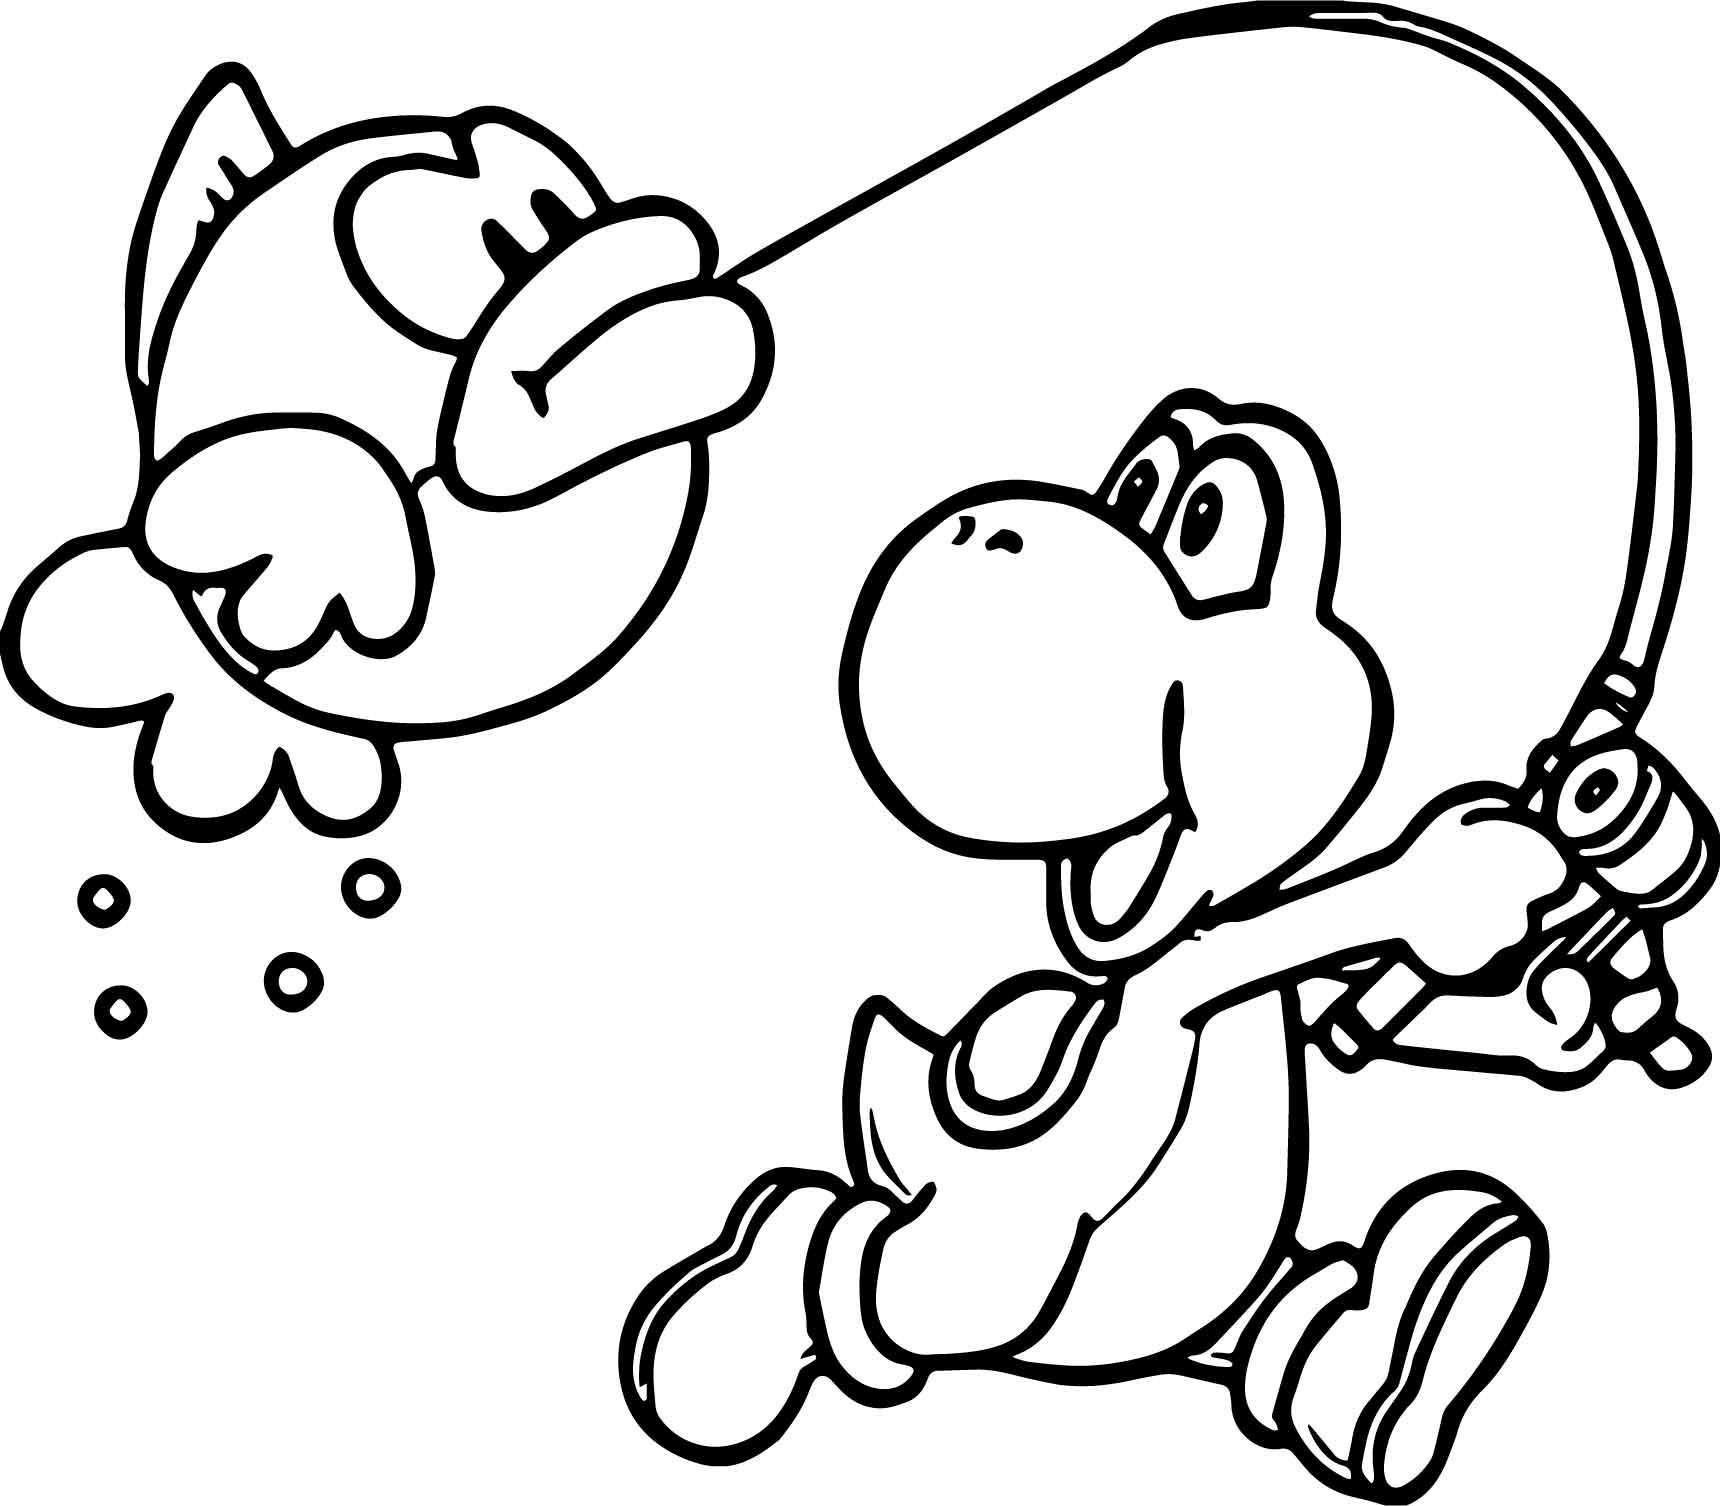 Bilder Zum Ausmalen Yoshi